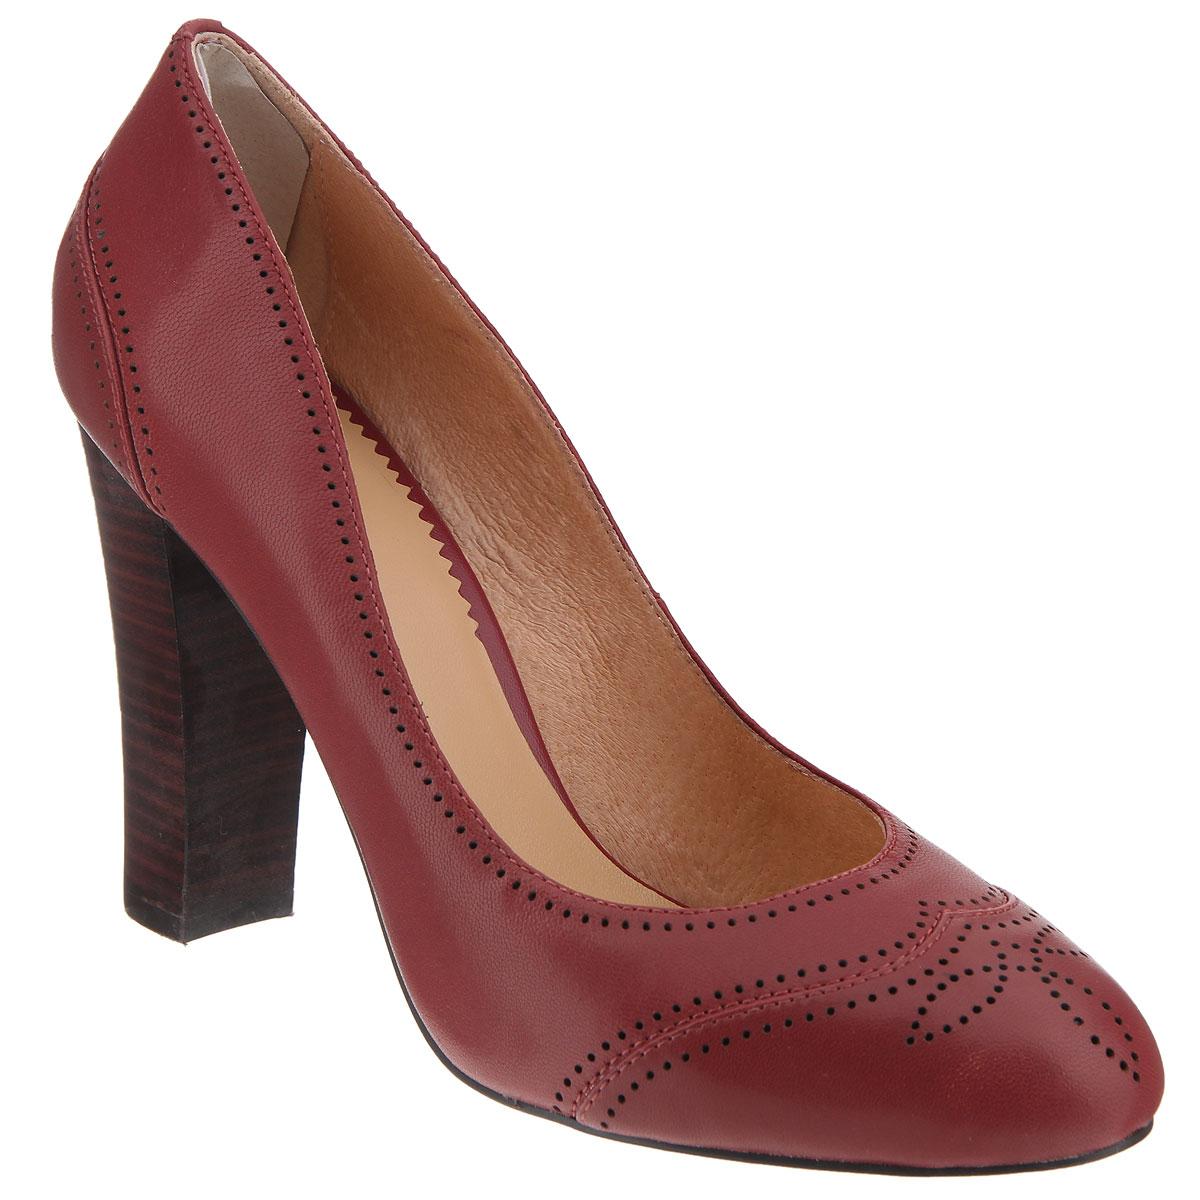 X221-02AЖенские туфли на каблуке от Lisette прекрасно подчеркнут ваш стиль. Верх модели выполнен из натуральной кожи и оформлен оригинальной перфорацией. Внутренняя часть и стелька из натуральной кожи гарантируют комфорт и удобство при ходьбе. Устойчивый широкий каблук оформлен декоративной отделкой. Подошва выполнена из прочной резины с противоскользящим рифлением. Такие туфли станут прекрасным дополнением вашего гардероба. Они сделают вас ярче и подчеркнут вашу индивидуальность!